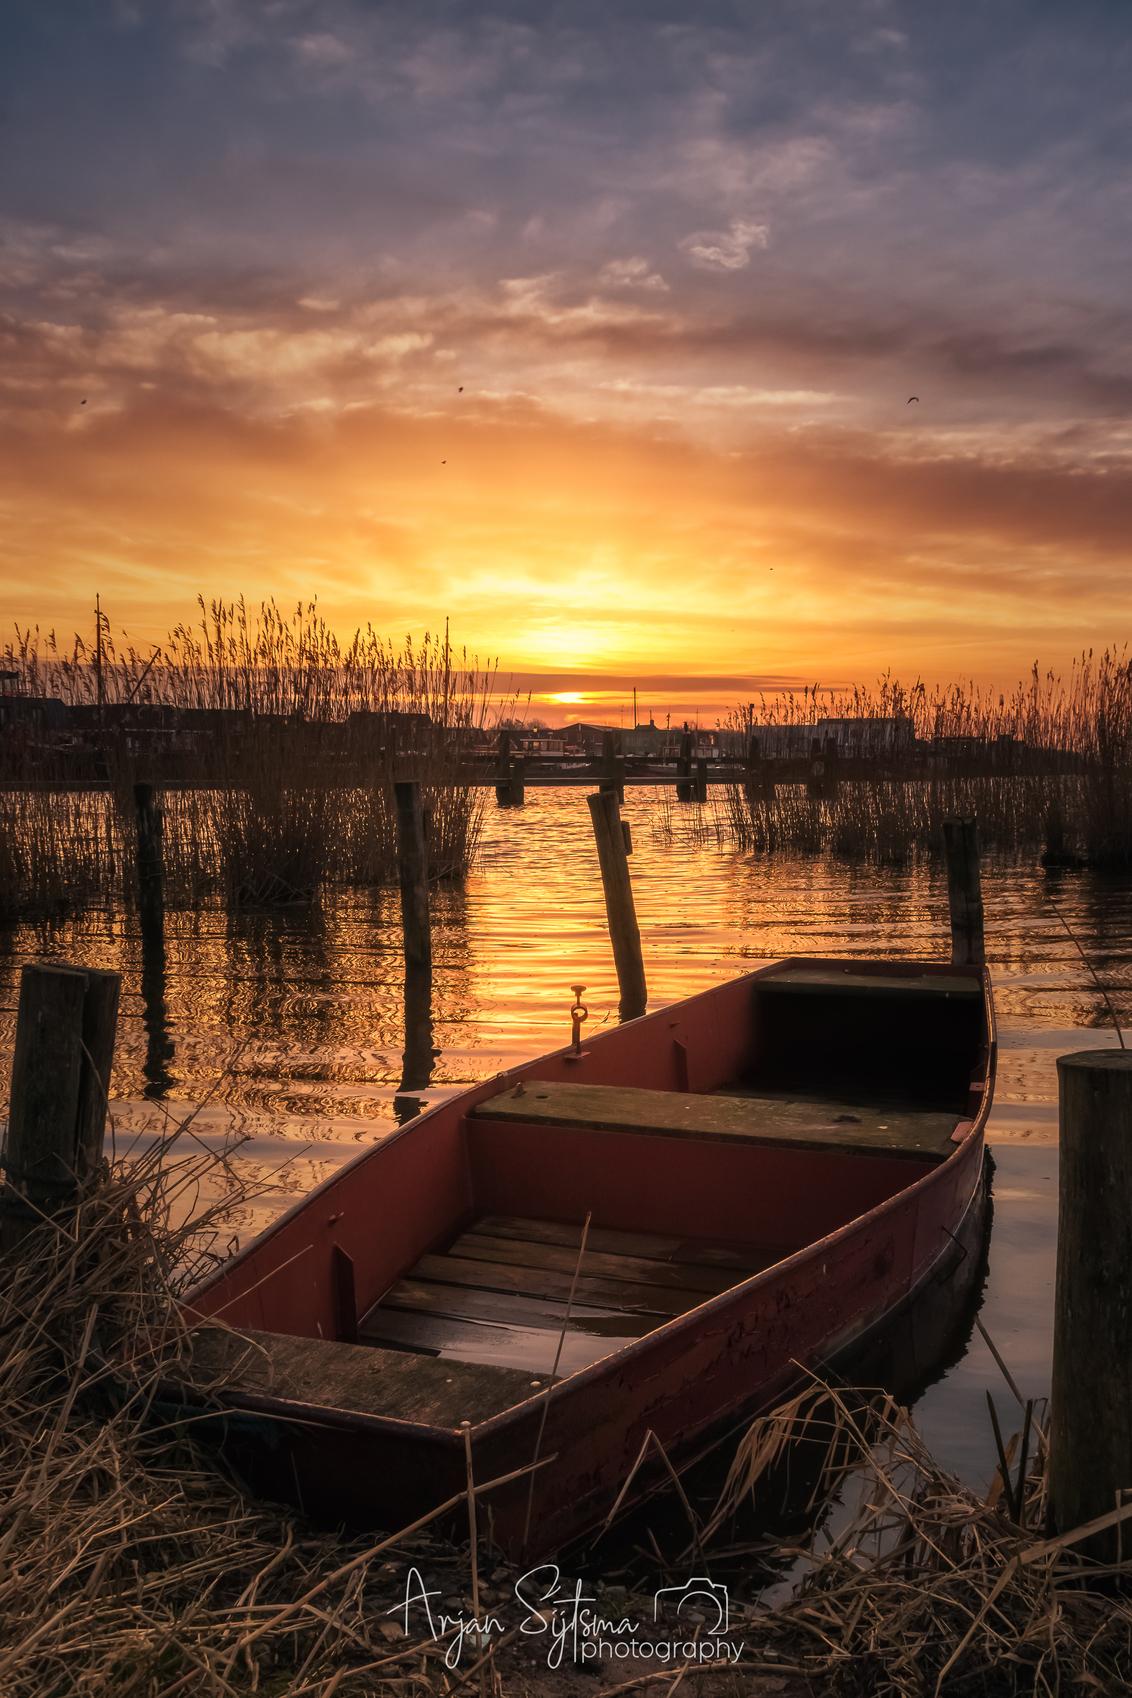 Zonsopkomst bij Zoutkamp - - - foto door ArjanSijtsma op 03-09-2018 - deze foto bevat: lucht, wolken, zon, water, lente, natuur, licht, boot, spiegeling, landschap, tegenlicht, zonsopkomst, meer, haven, brug, rivier, kust, zoutkamp, lange sluitertijd, einde van de winter